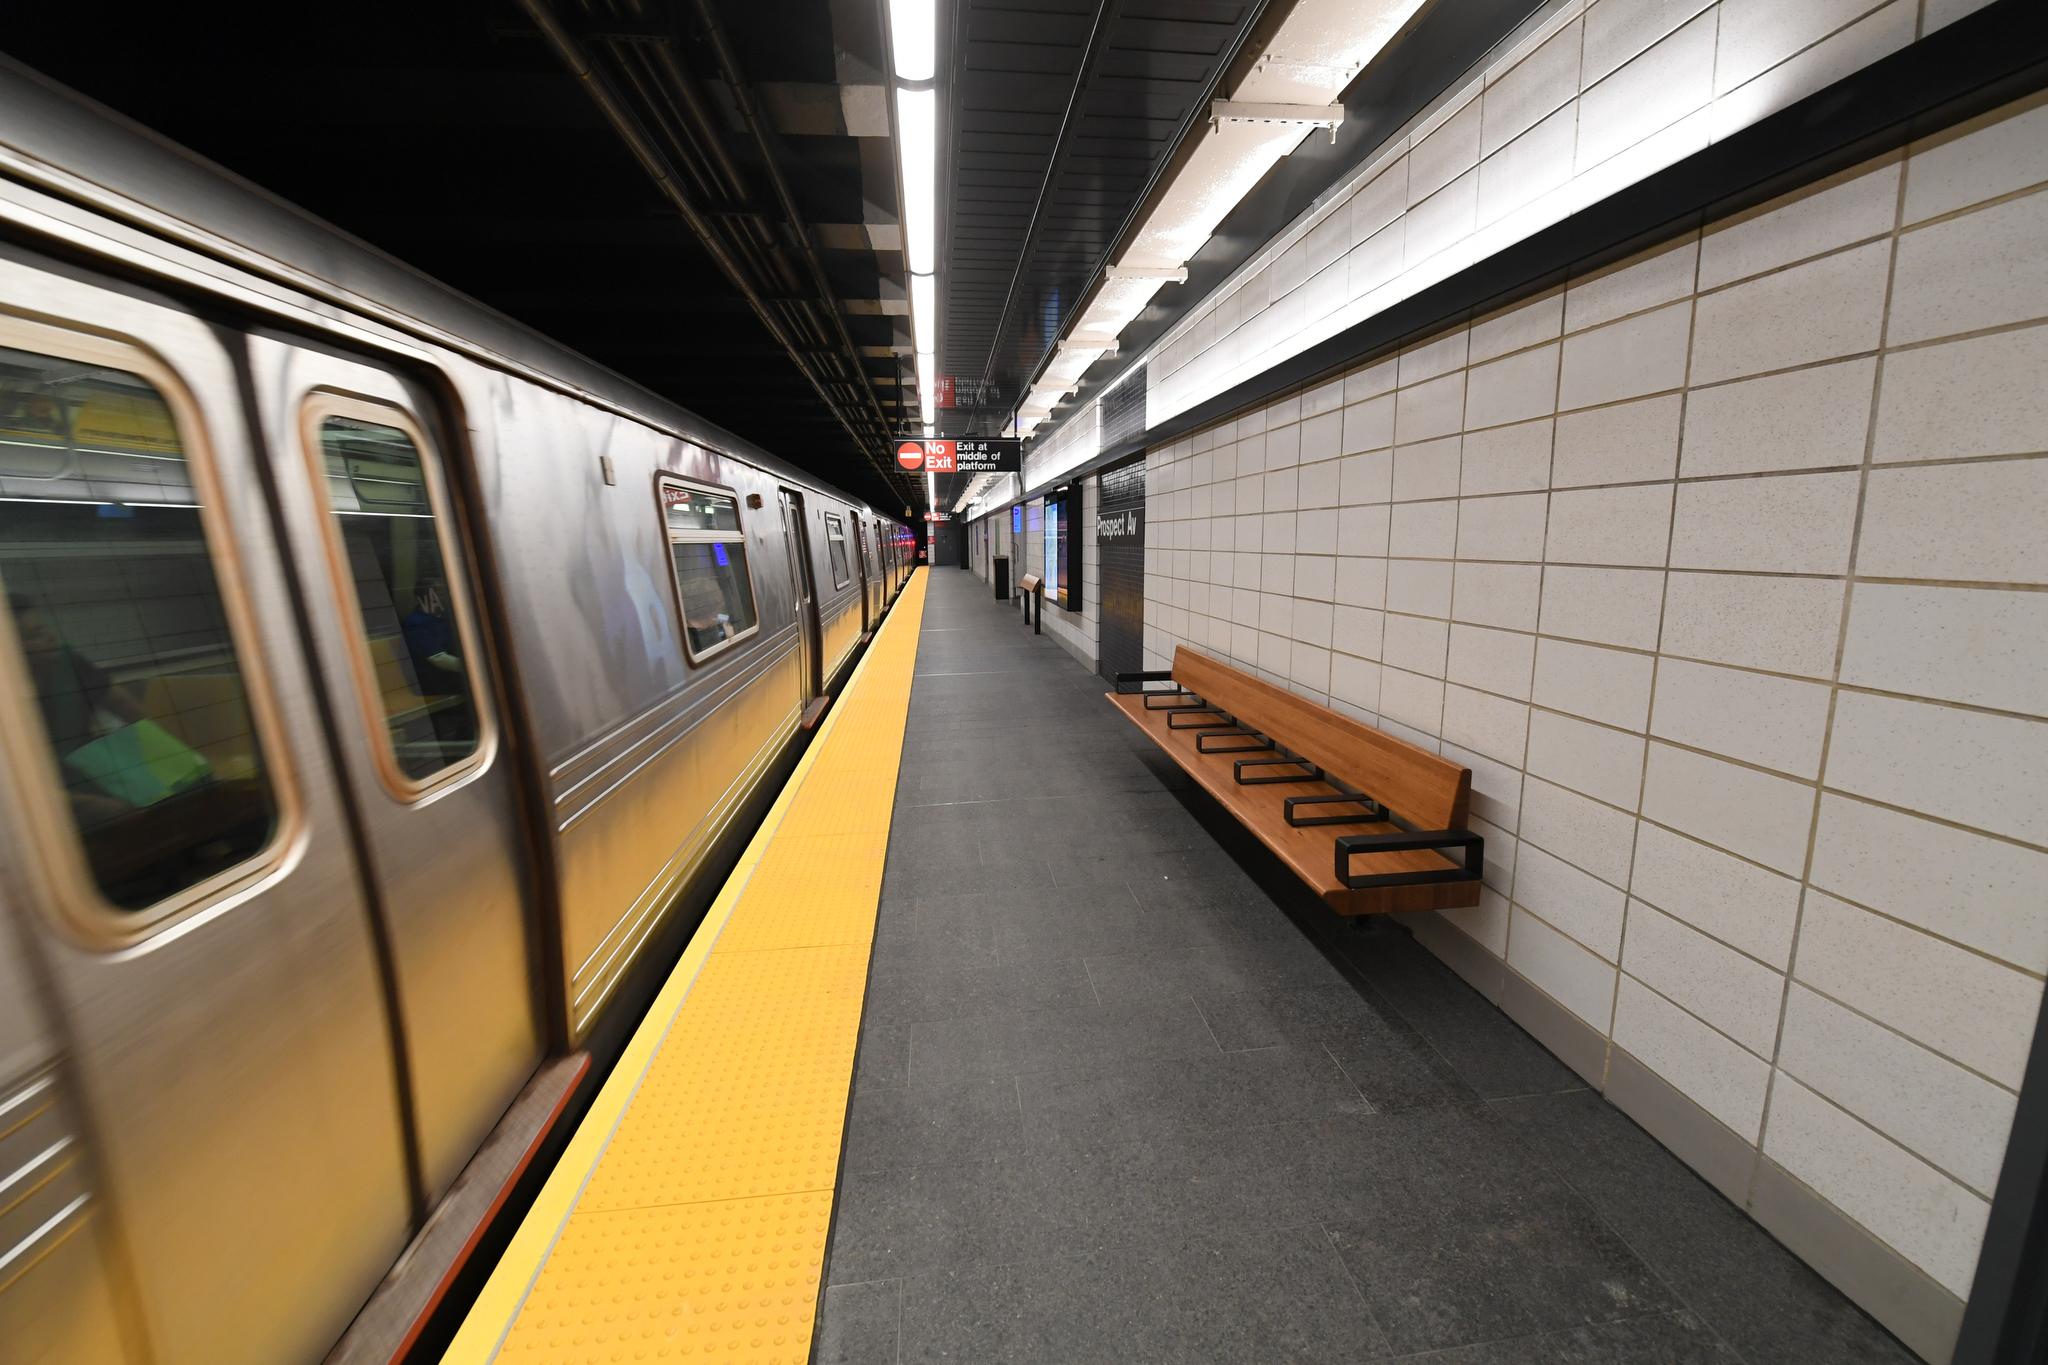 File:Prospect Av Station Reopens (38090306052).jpg - Wikimedia Commons